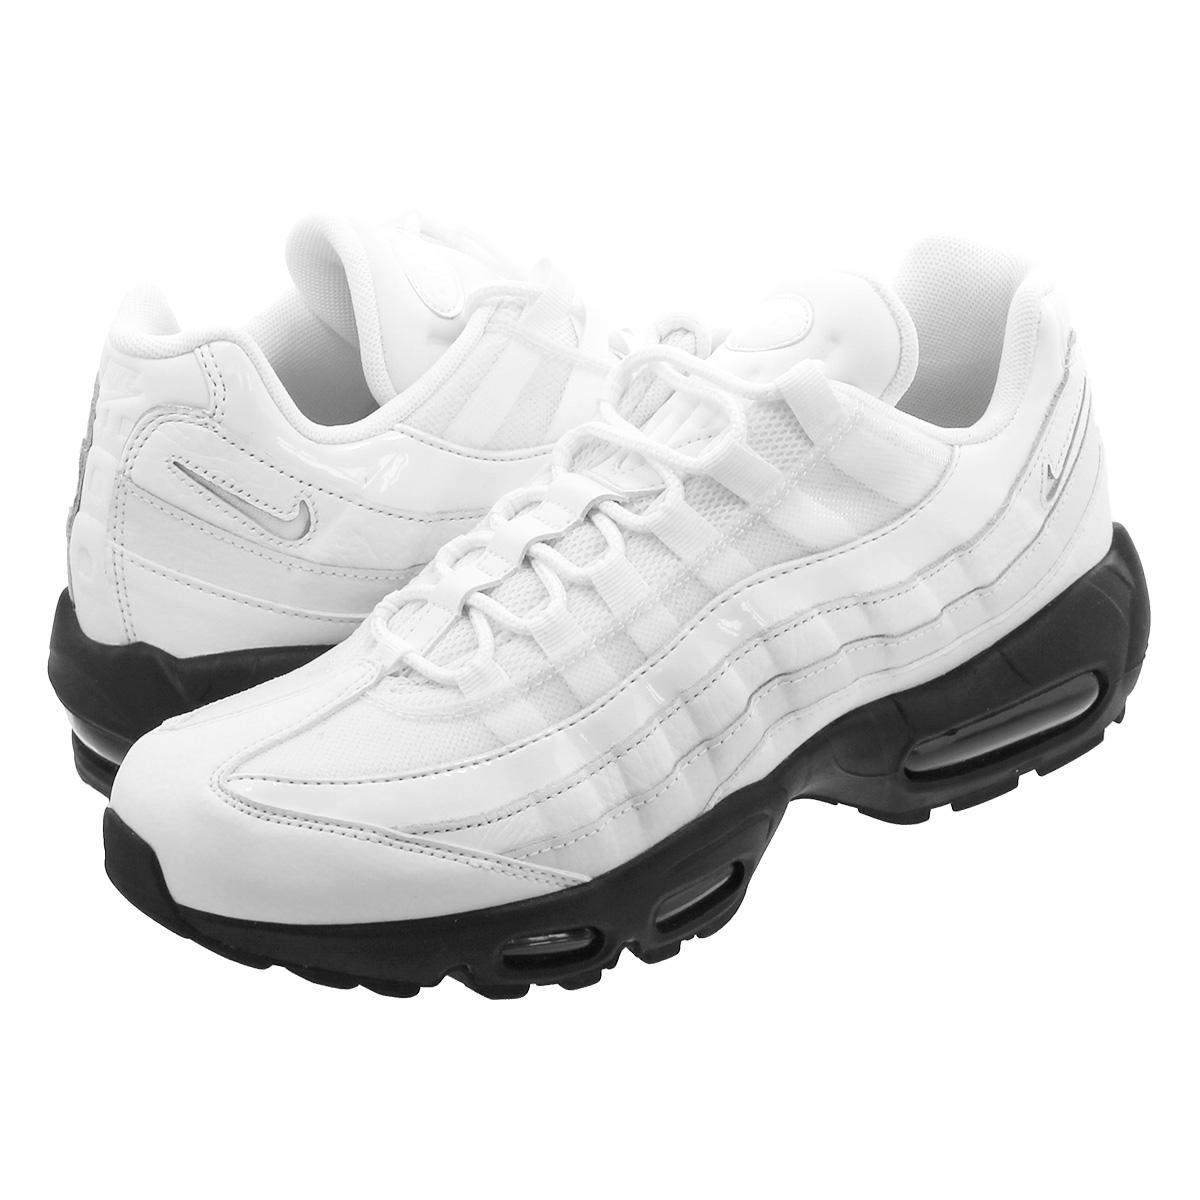 Nike Air Max 95 SE 'WhiteBlack' | AQ4138 102